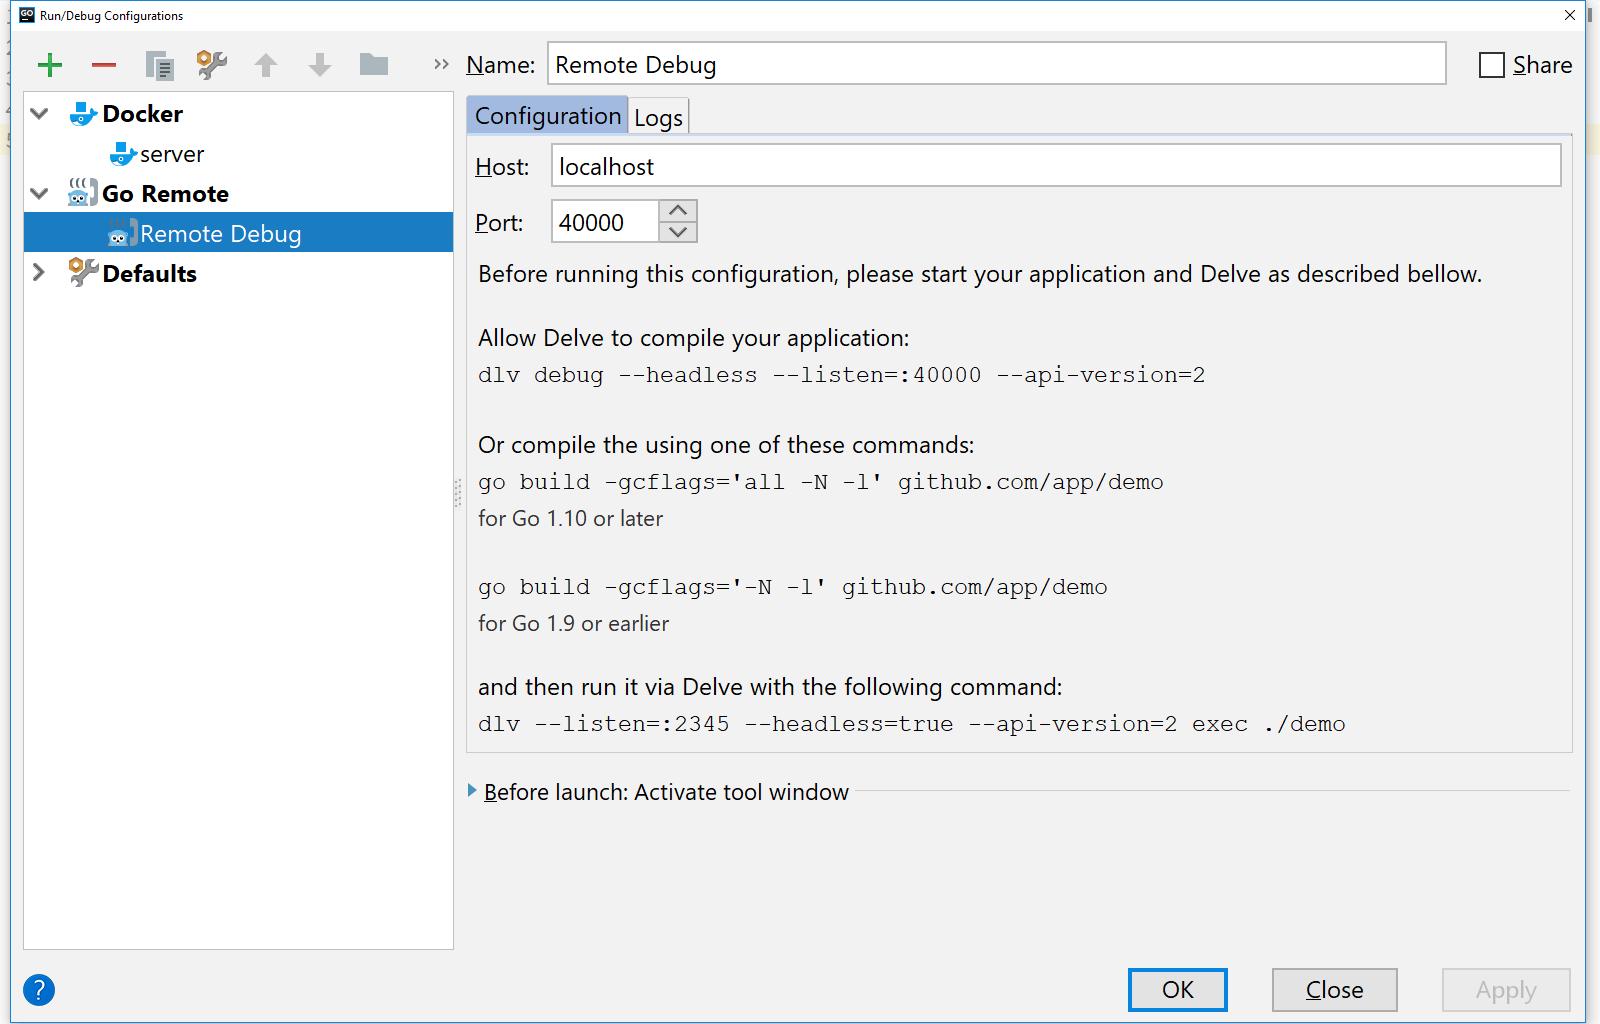 Remote Debugging Configuration